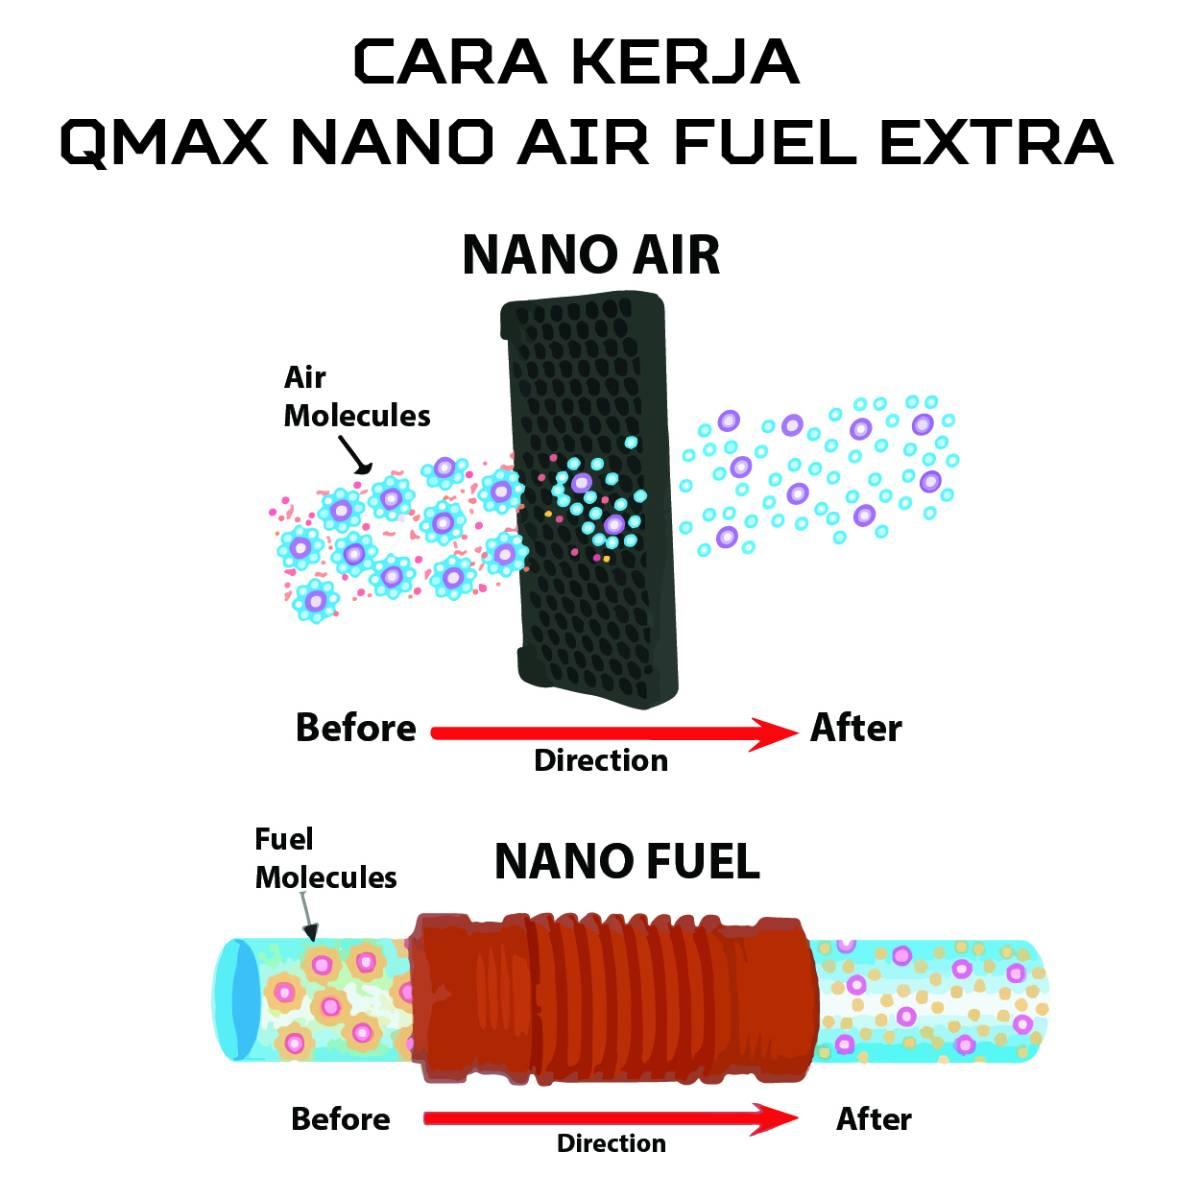 Qmax Nano Air Fuel Extra2